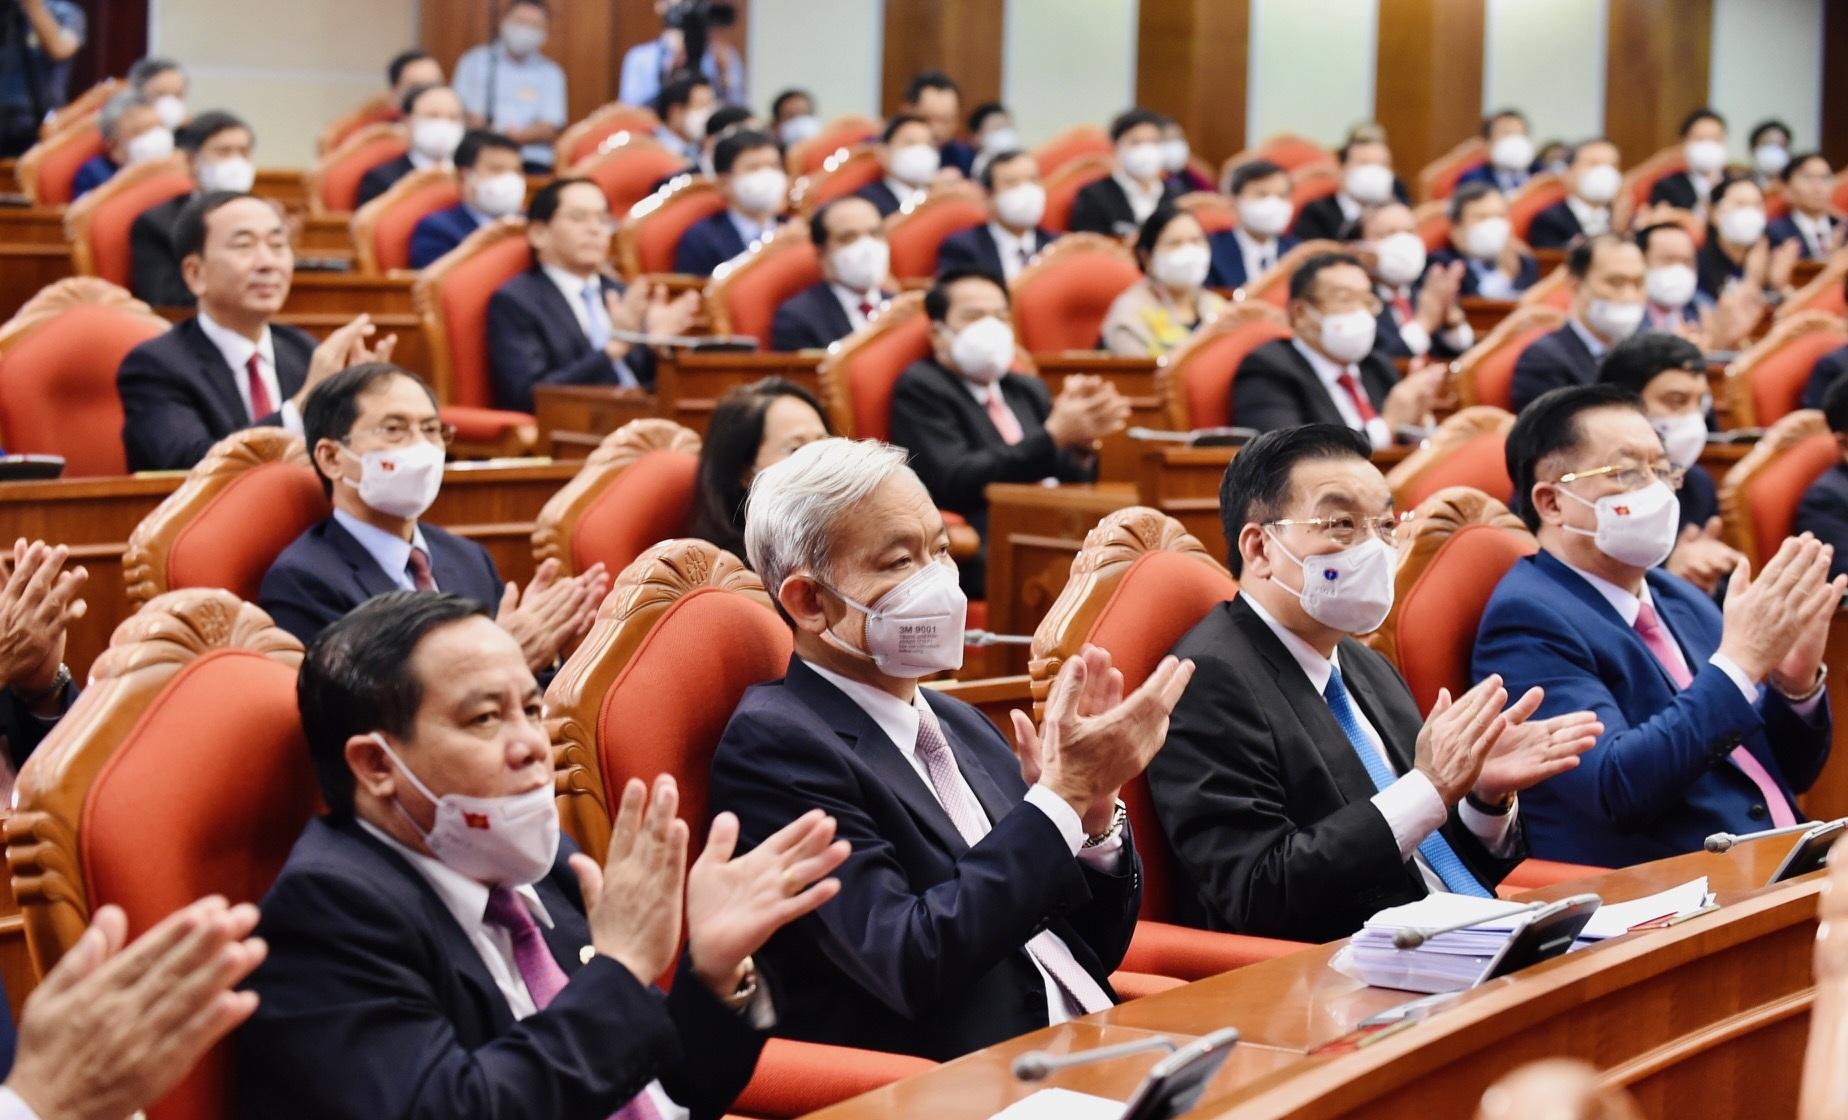 Giới thiệu bổ sung 23 nhân sự đảm nhiệm chức danh lãnh đạo Nhà nước